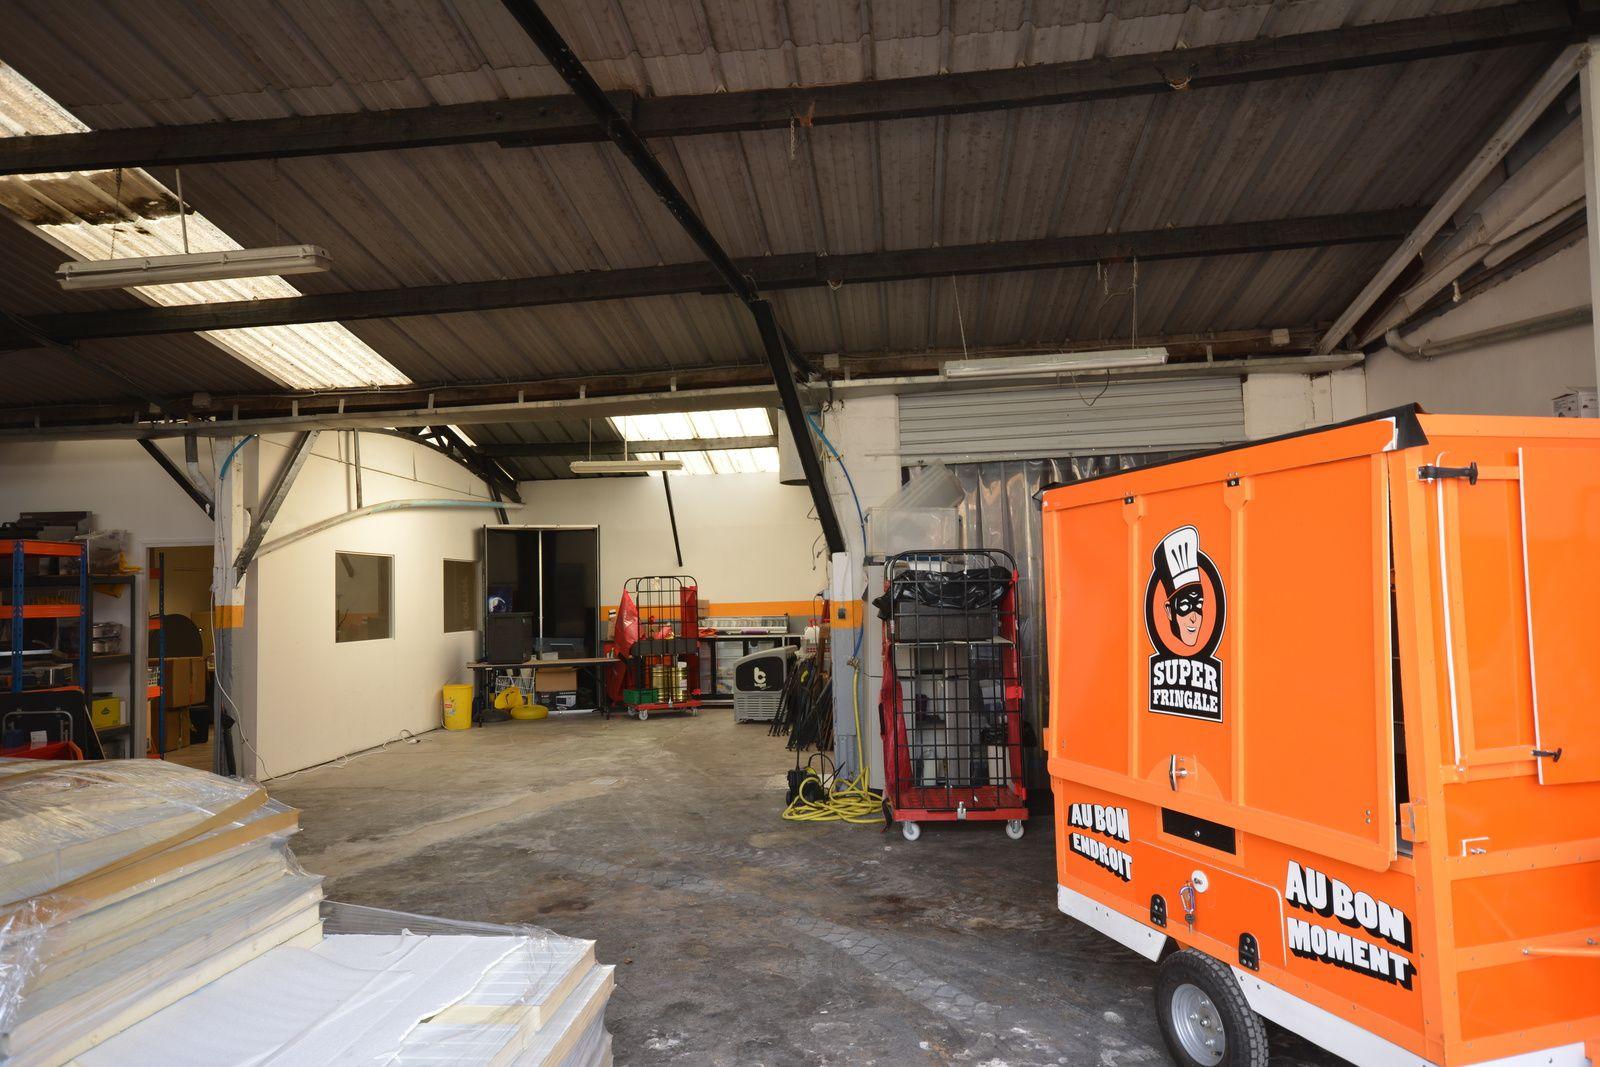 Cuisine modulaire pour les Food Trucks Parisiens à Saint Ouen (93400)